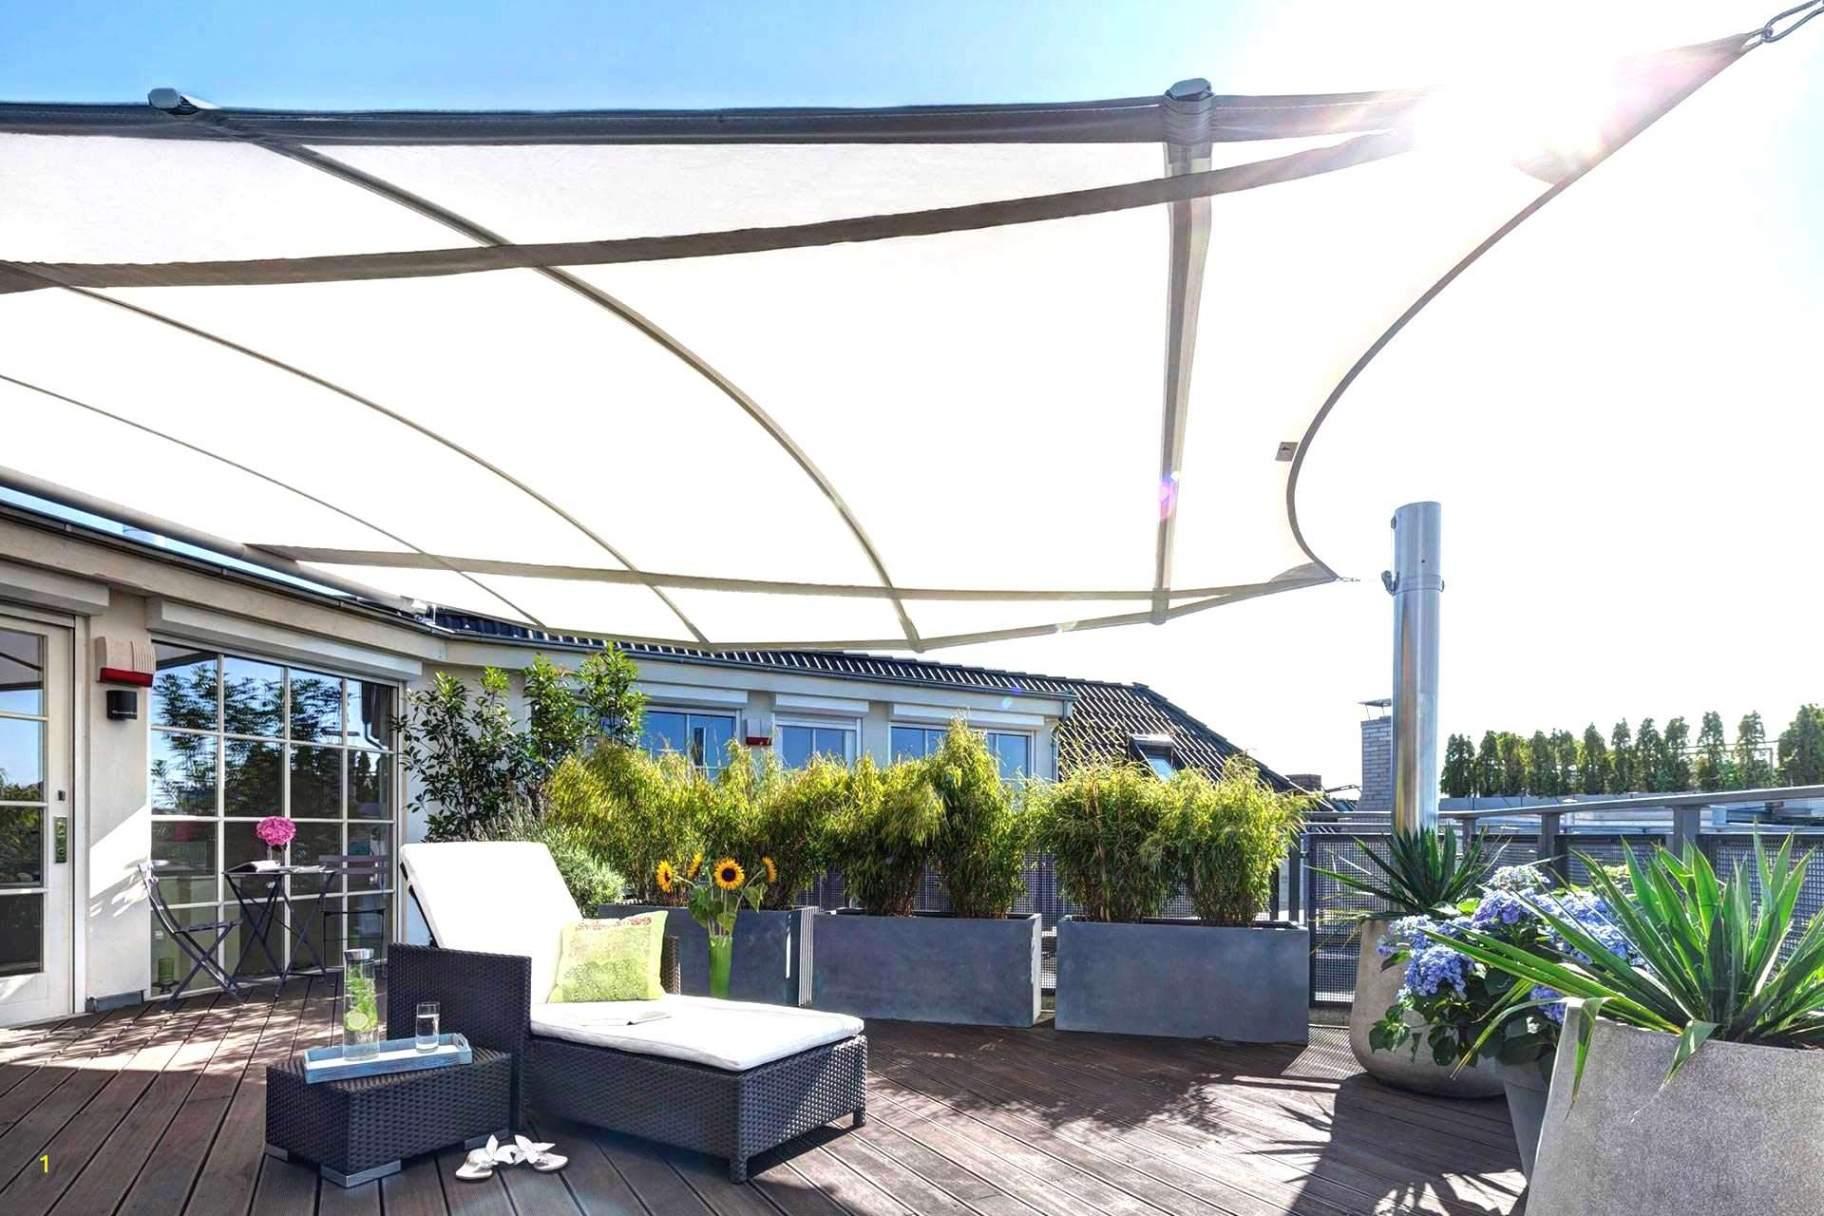 Sonnensegel Garten Das Beste Von sonnenschutz Im Garten — Temobardz Home Blog